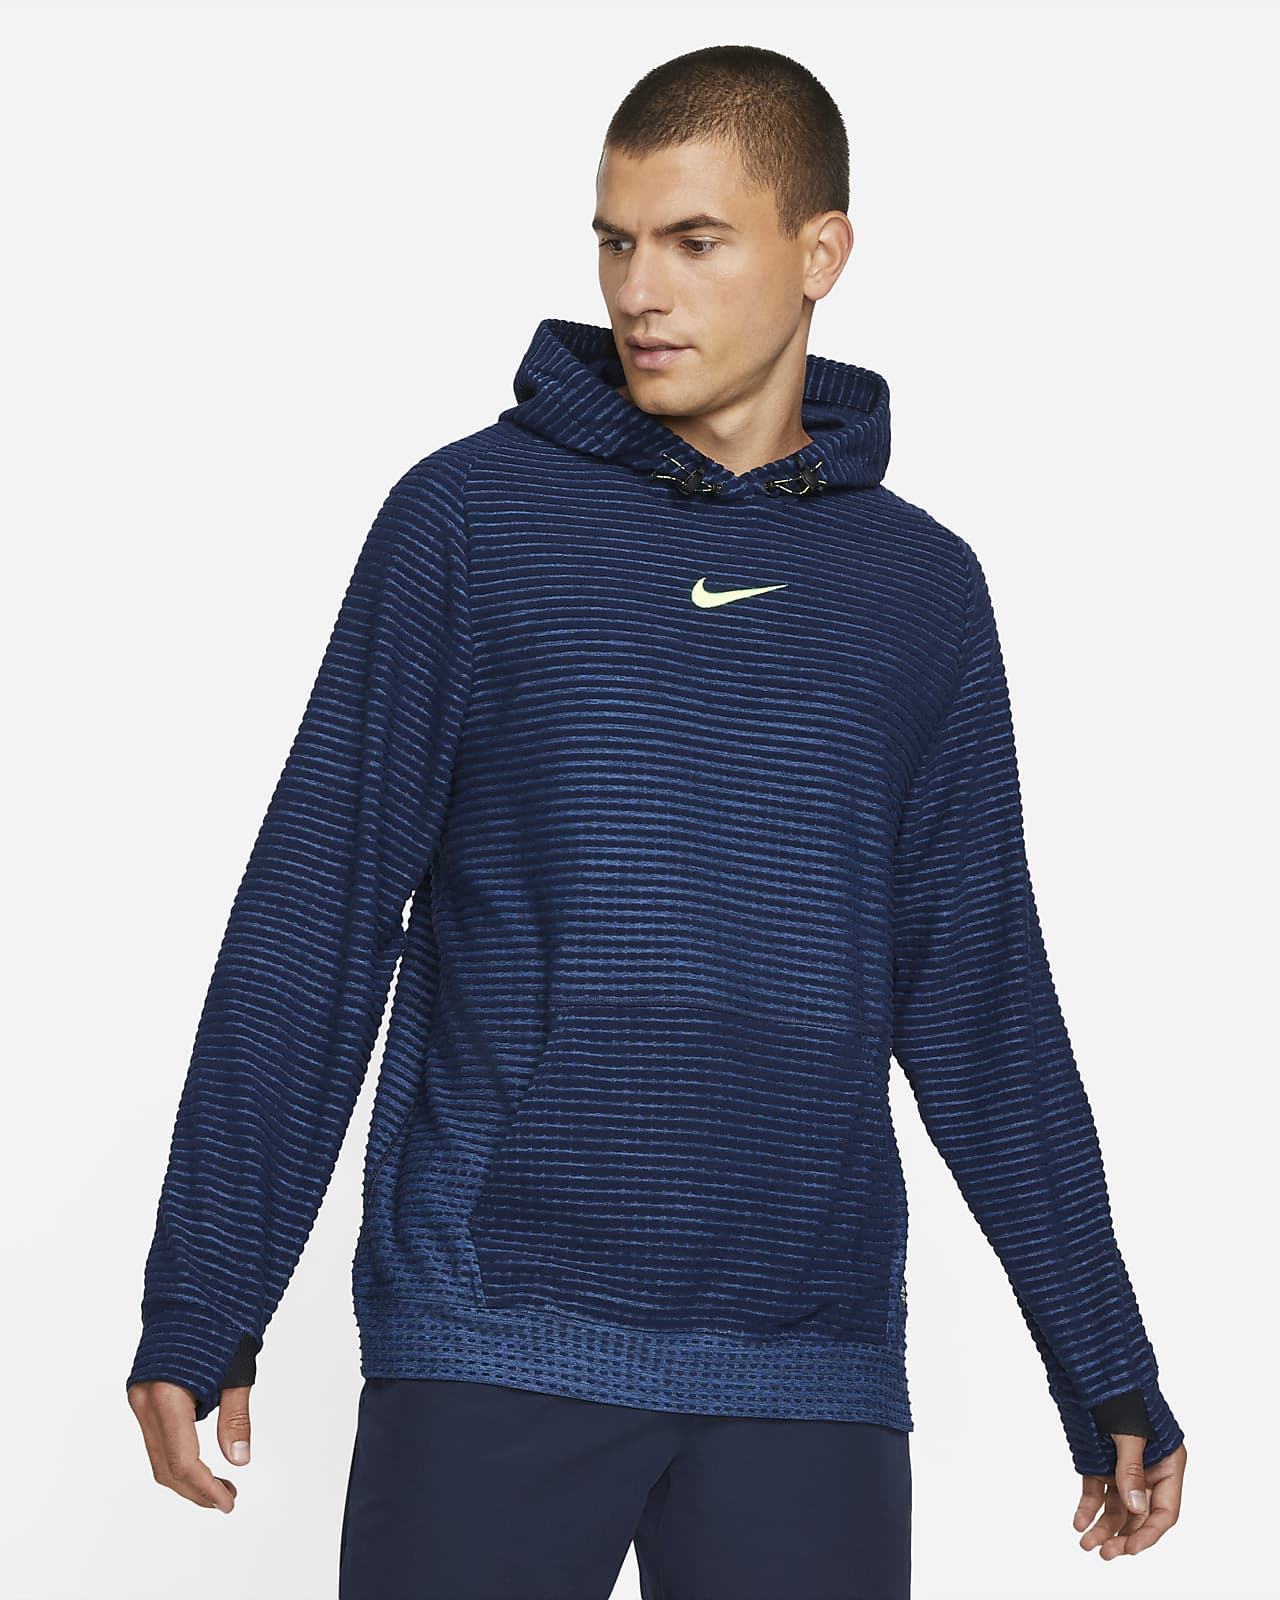 Felpa pullover in fleece con cappuccio Nike Pro Therma-FIT ADV - Uomo